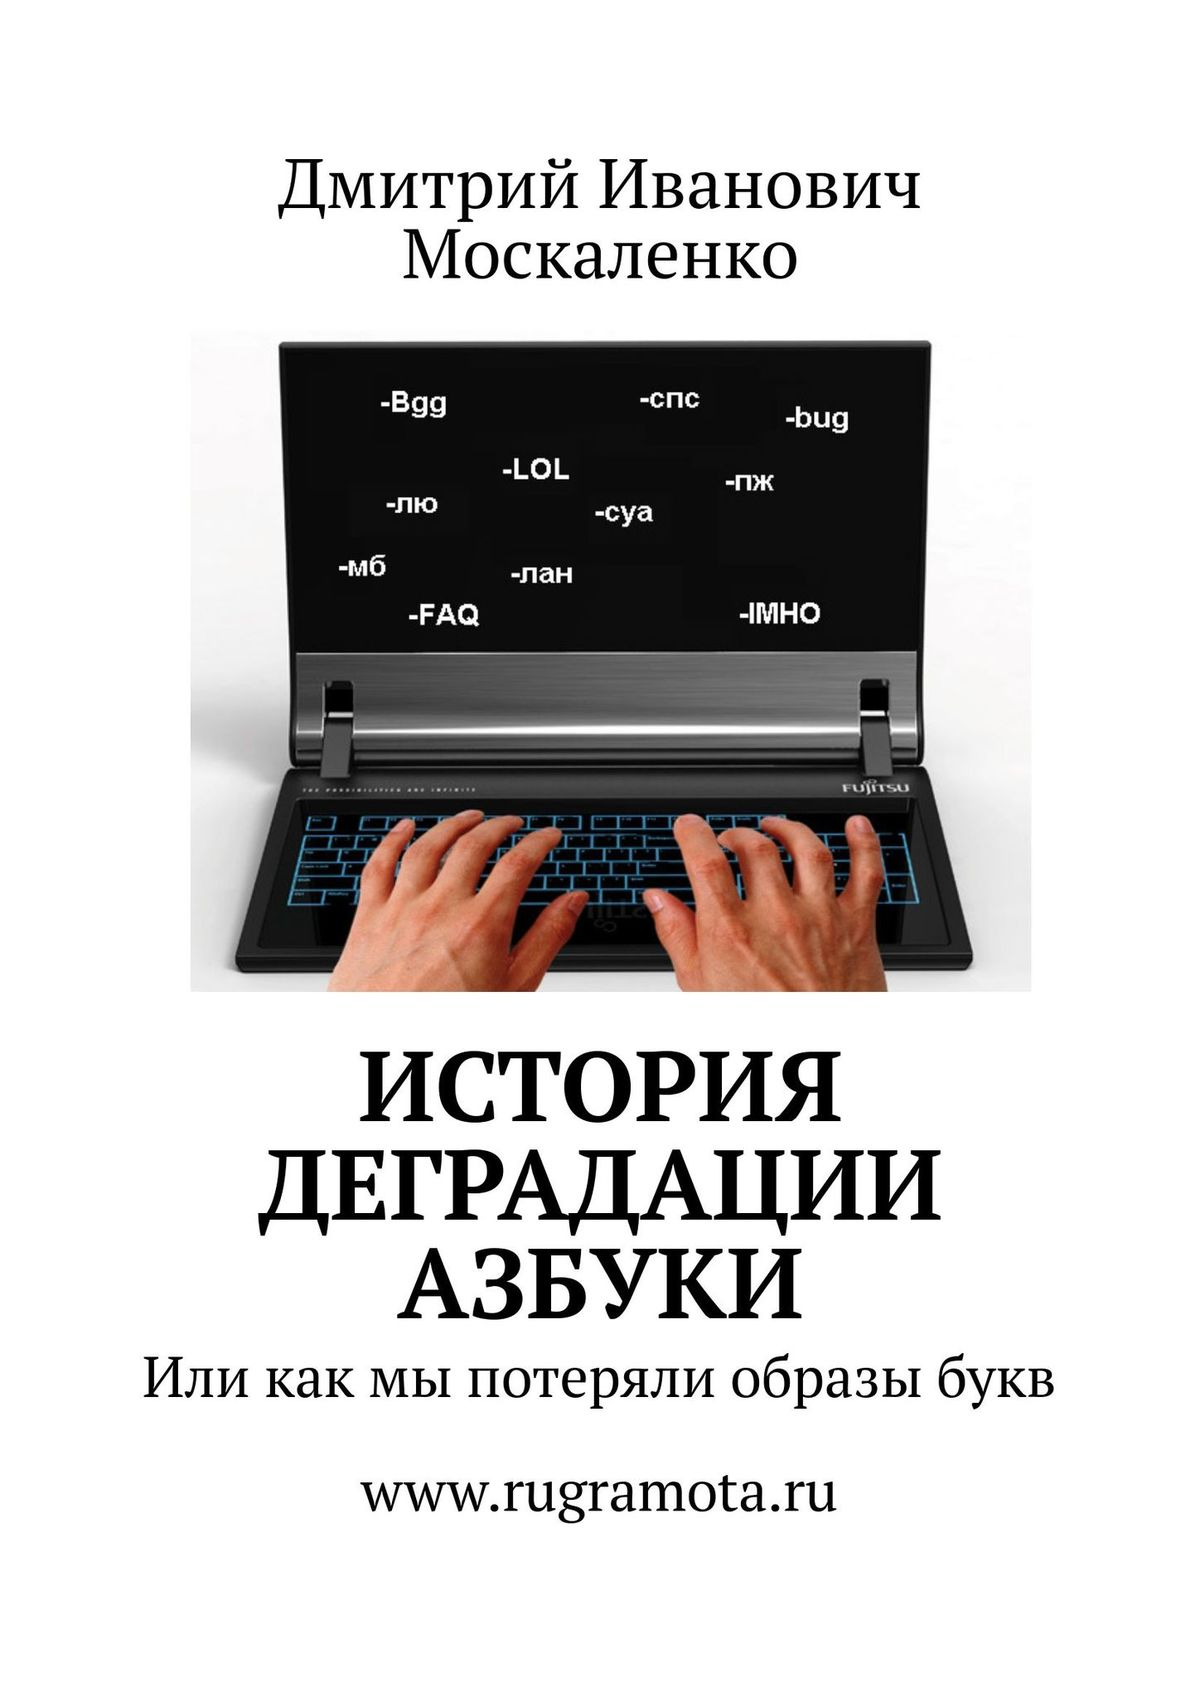 Фото - Дмитрий Иванович Москаленко История деградации азбуки сотовые телефоны